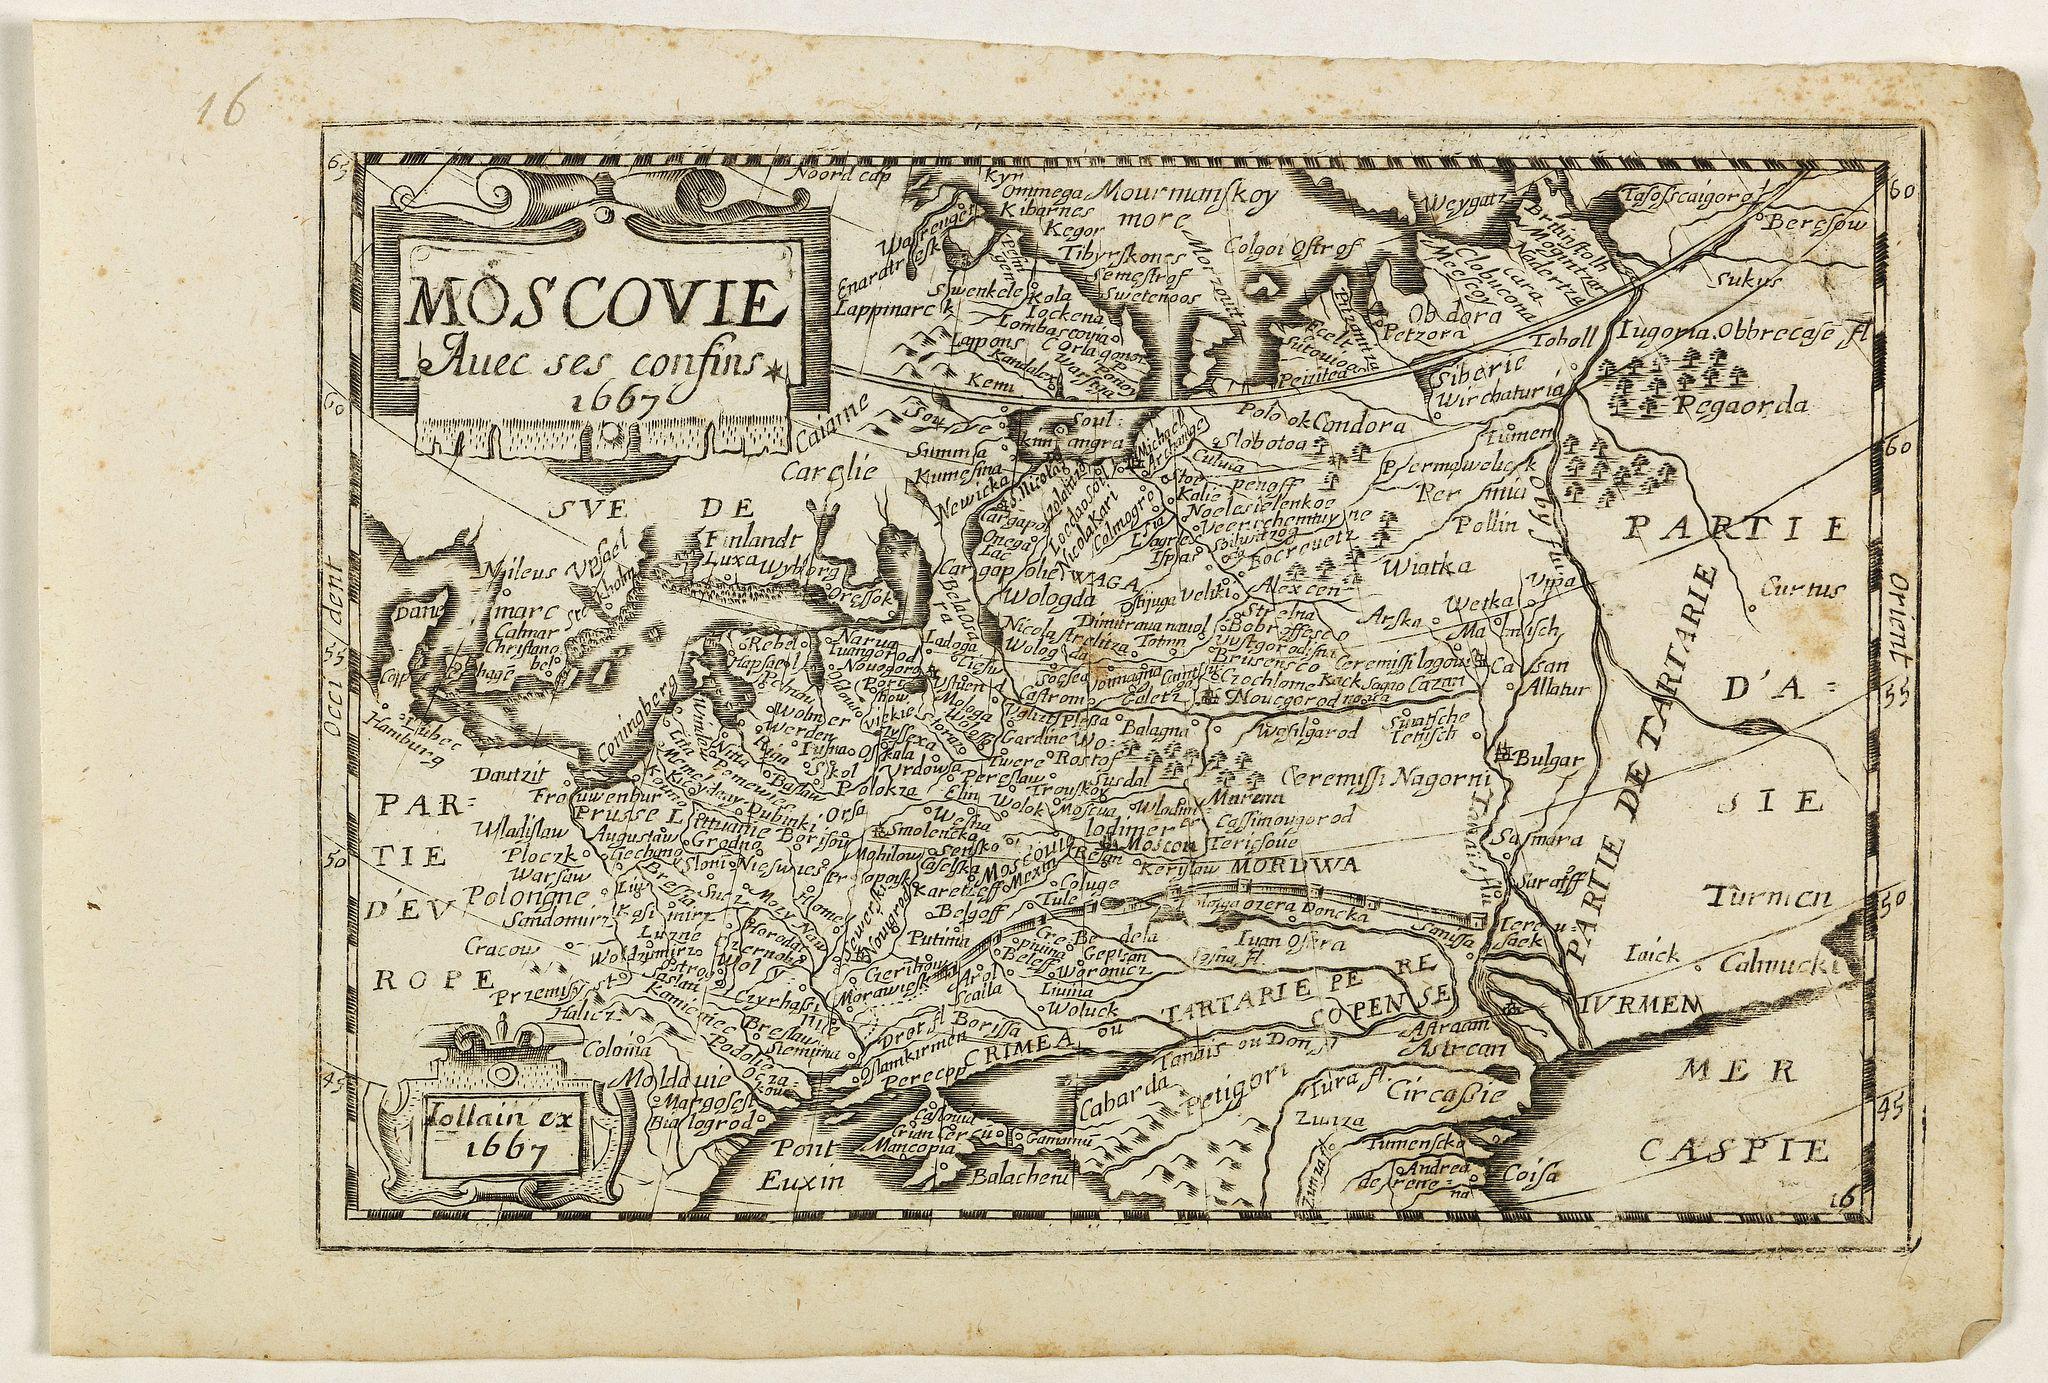 JOLLAIN, G. -  Moscovie avec ses confins.